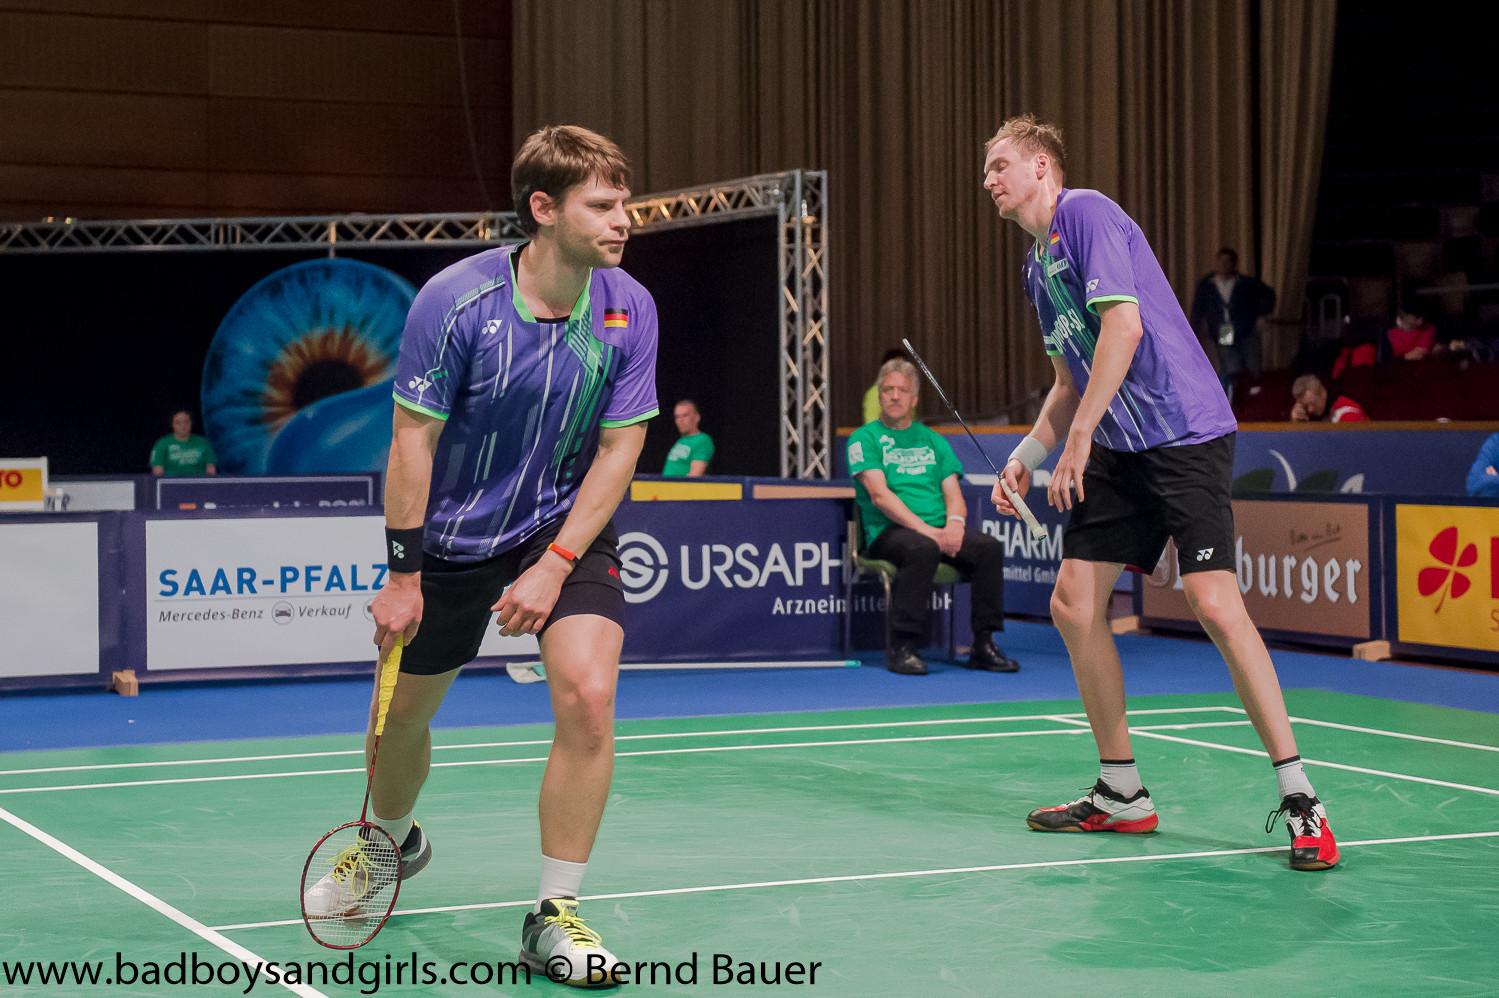 Im Herrendoppel schaffte leider keine deutsche Paarung den Weg ins Viertelfinale, auch nicht die deutsche Toppaarung Fuchs/Schöttler